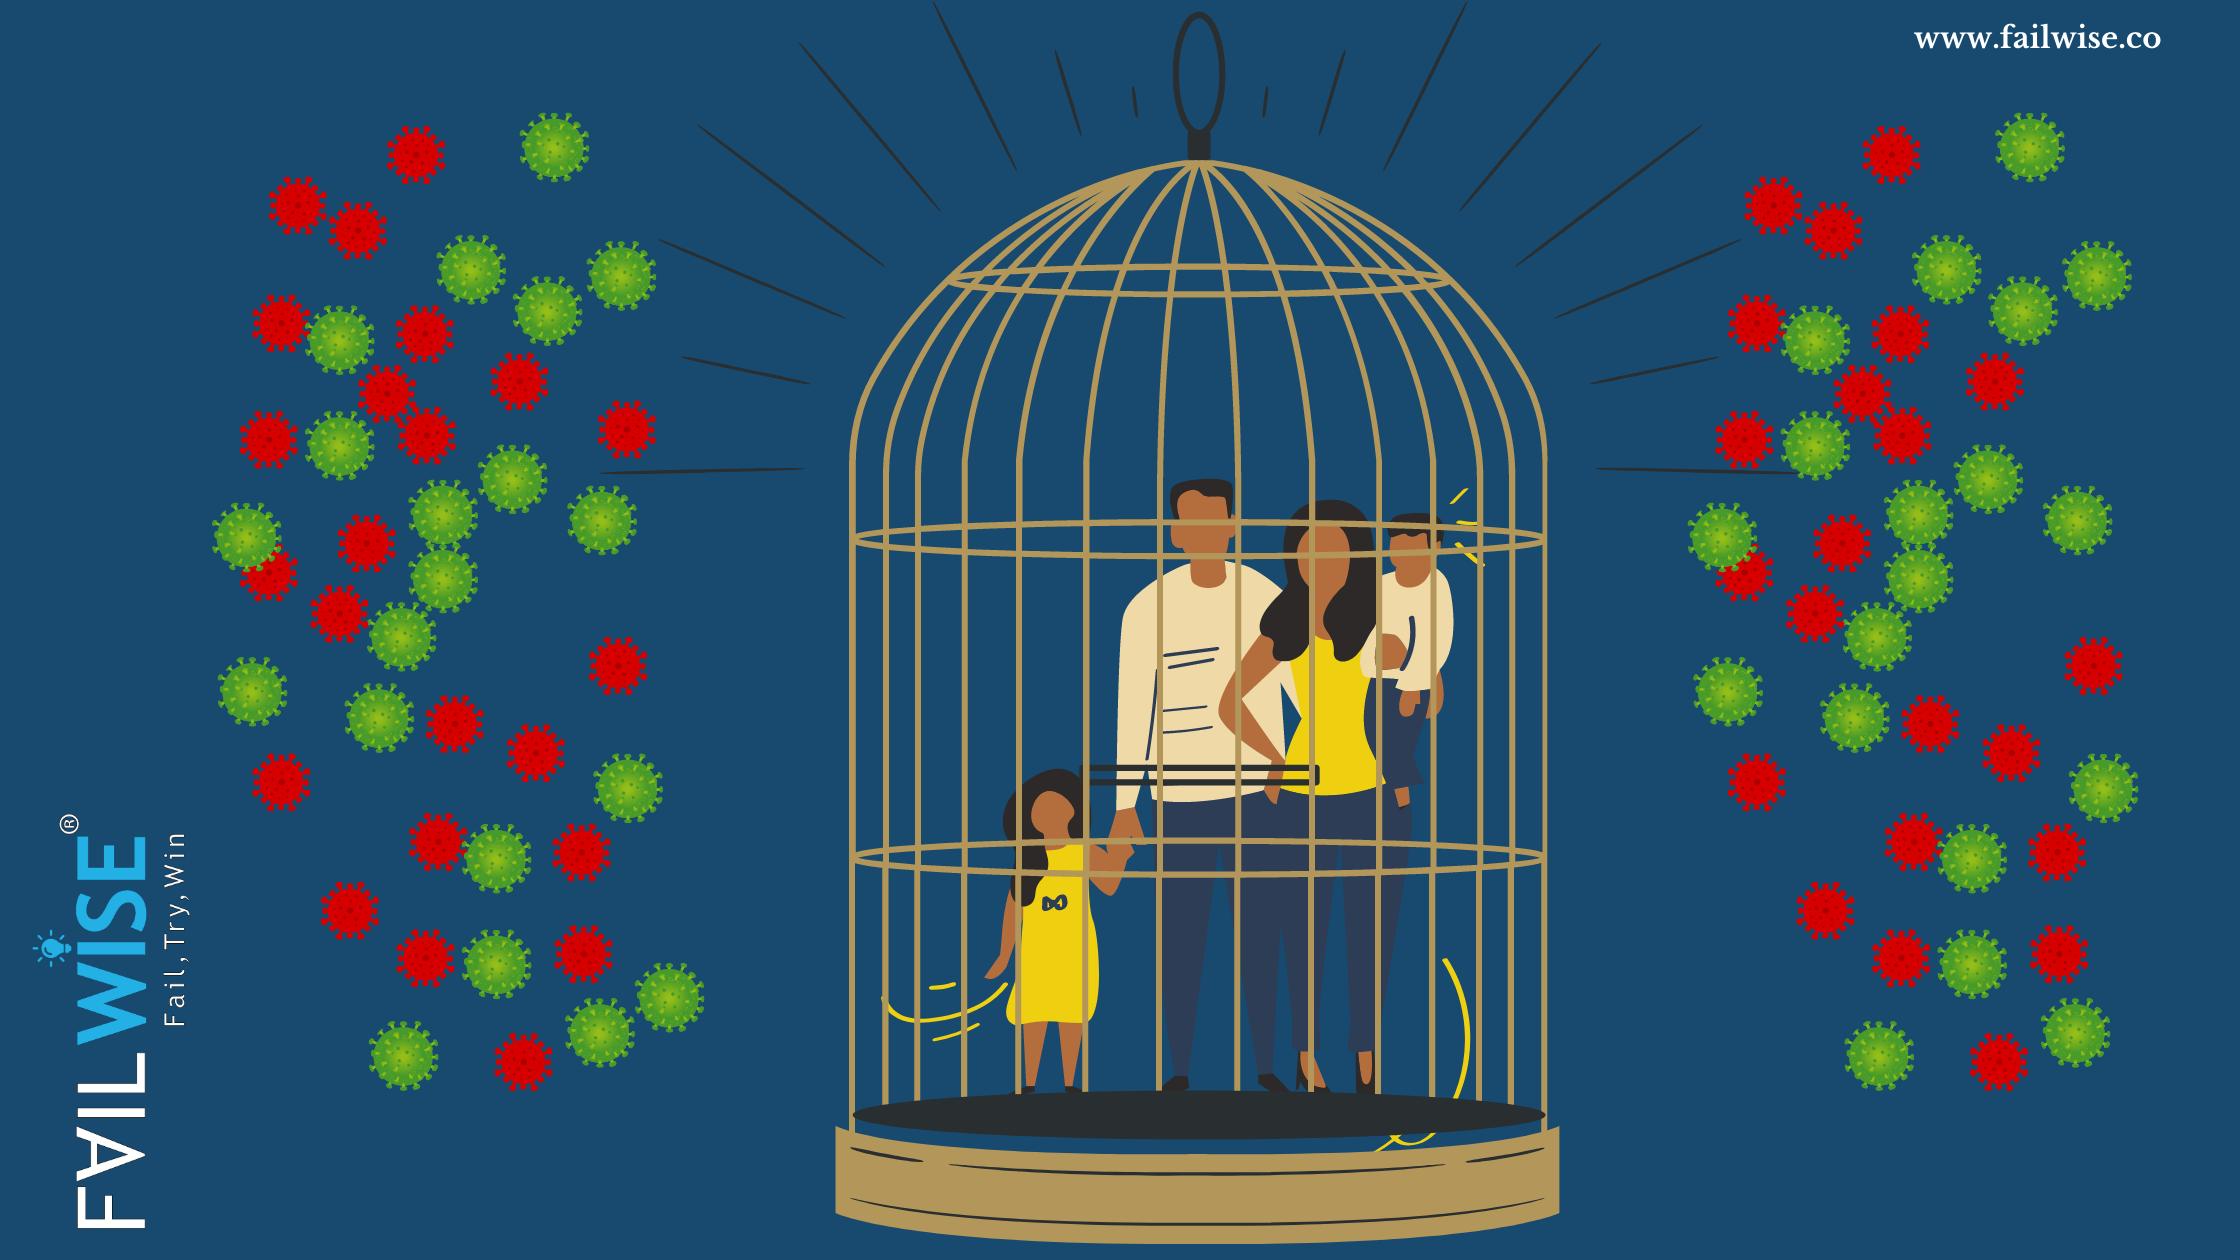 पिंजरा: पिंजरे में सज़ा नहीं, जीवन है